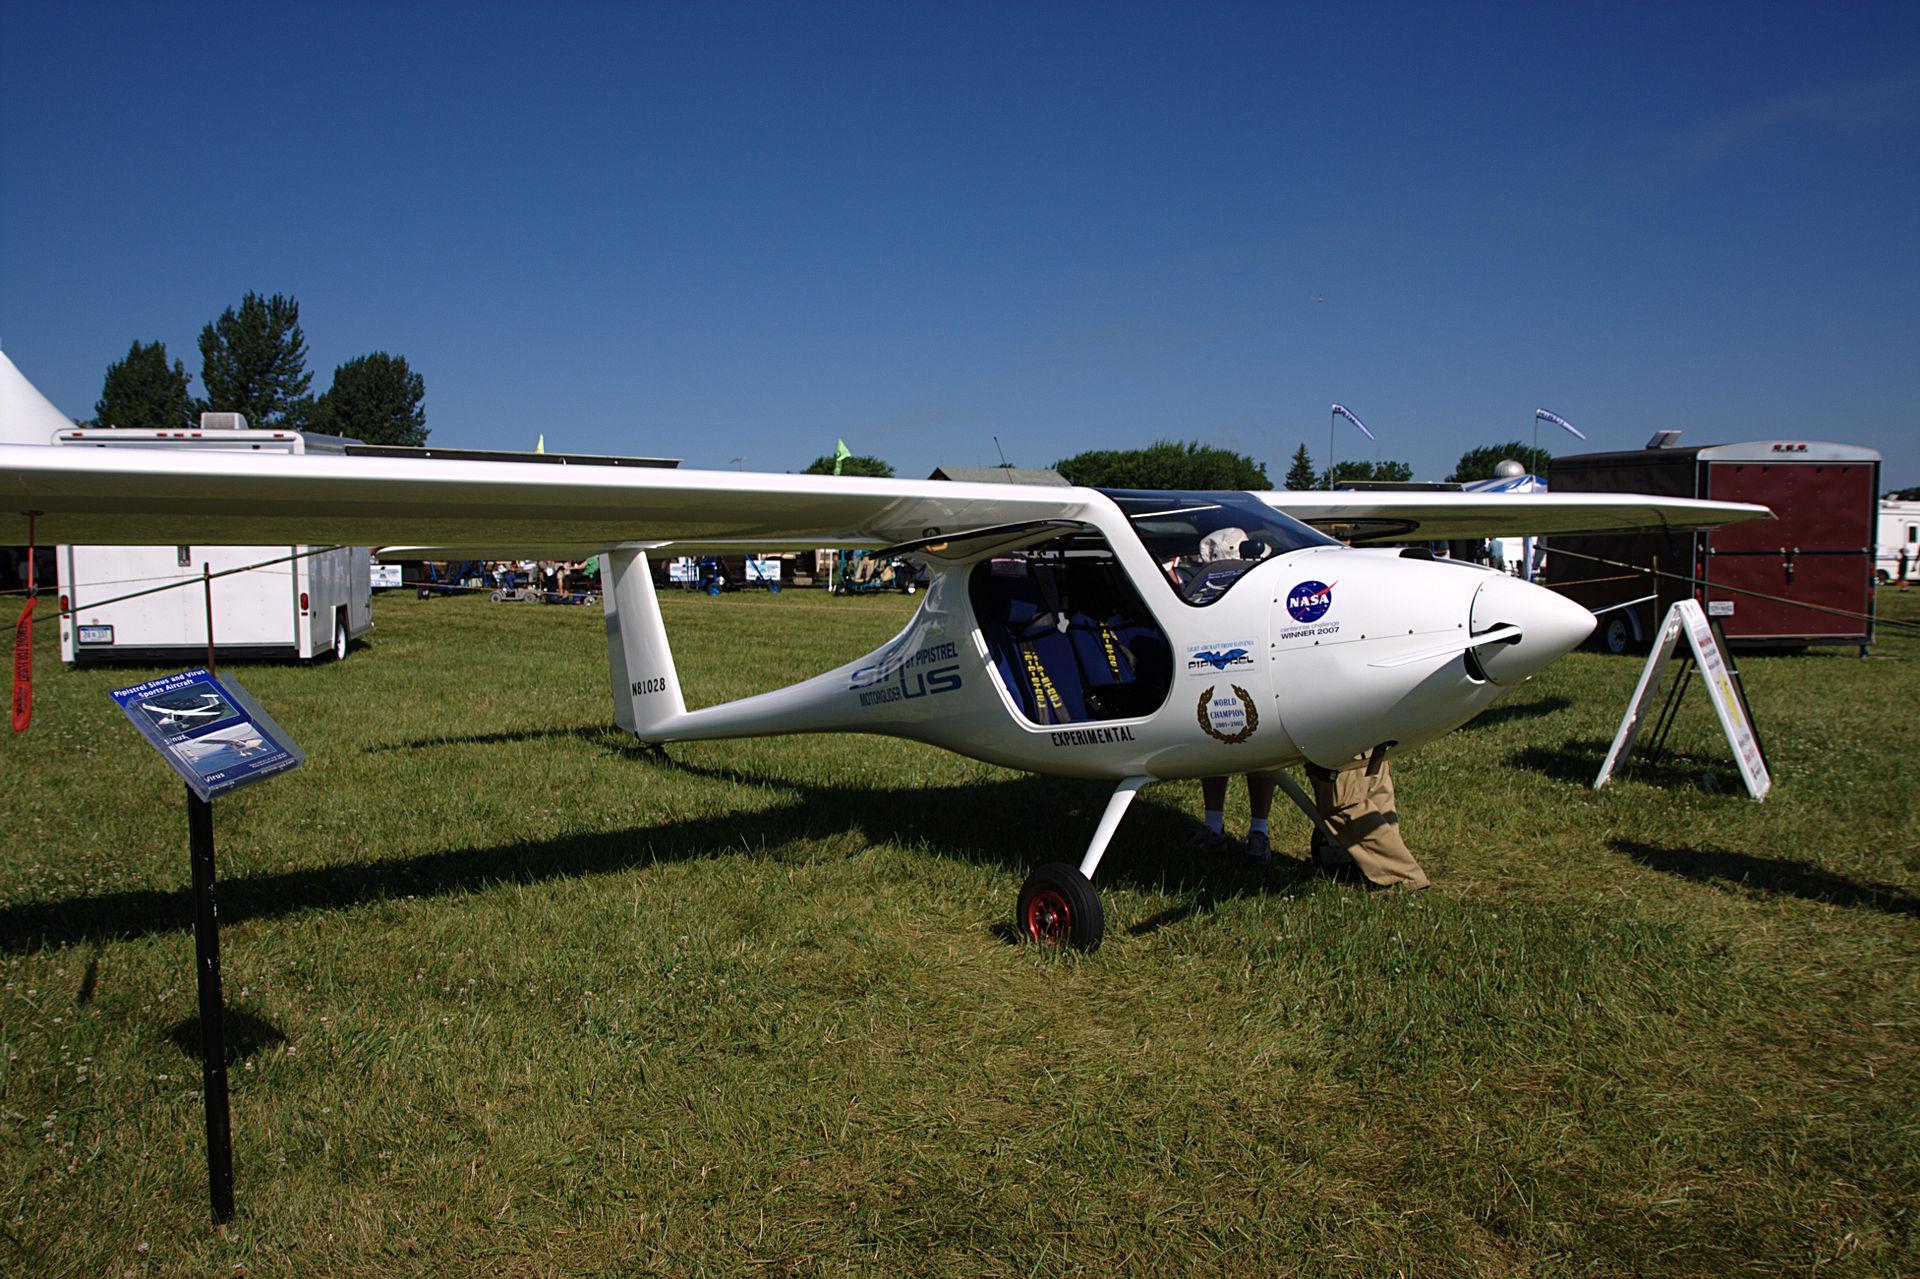 澳大利亚进行纯电动飞机试飞,飞行成本每小时3美元